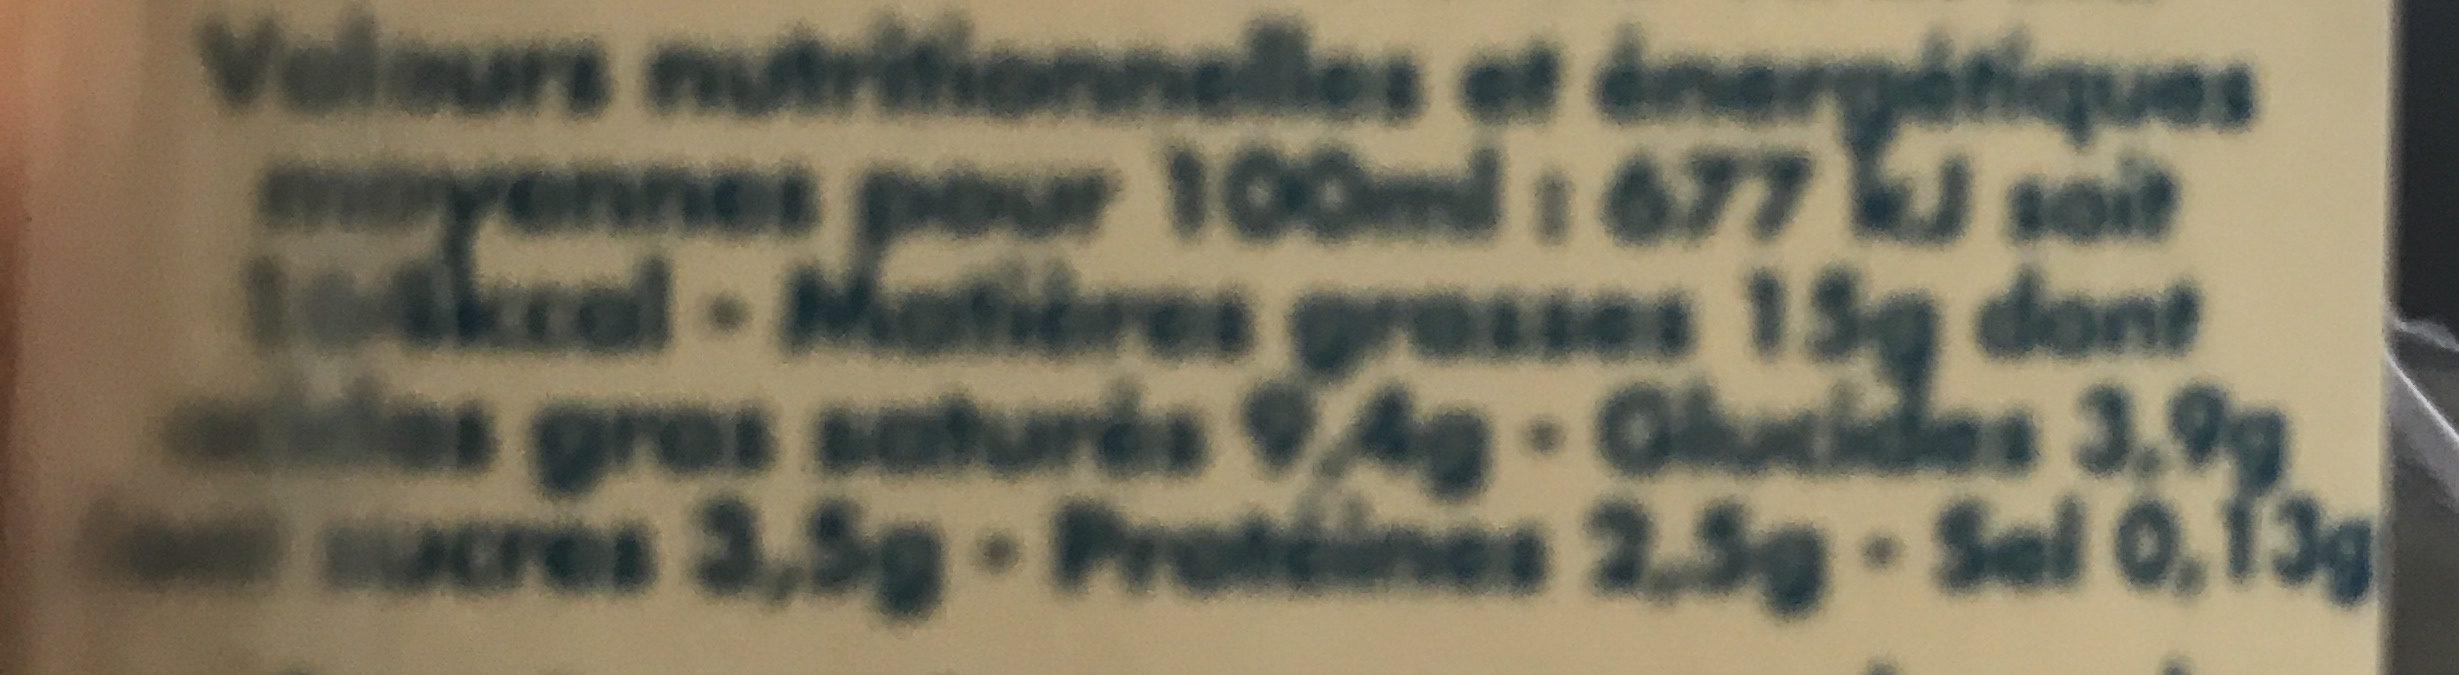 Crème Légère Liquide (15% MG) - Voedigswaarden